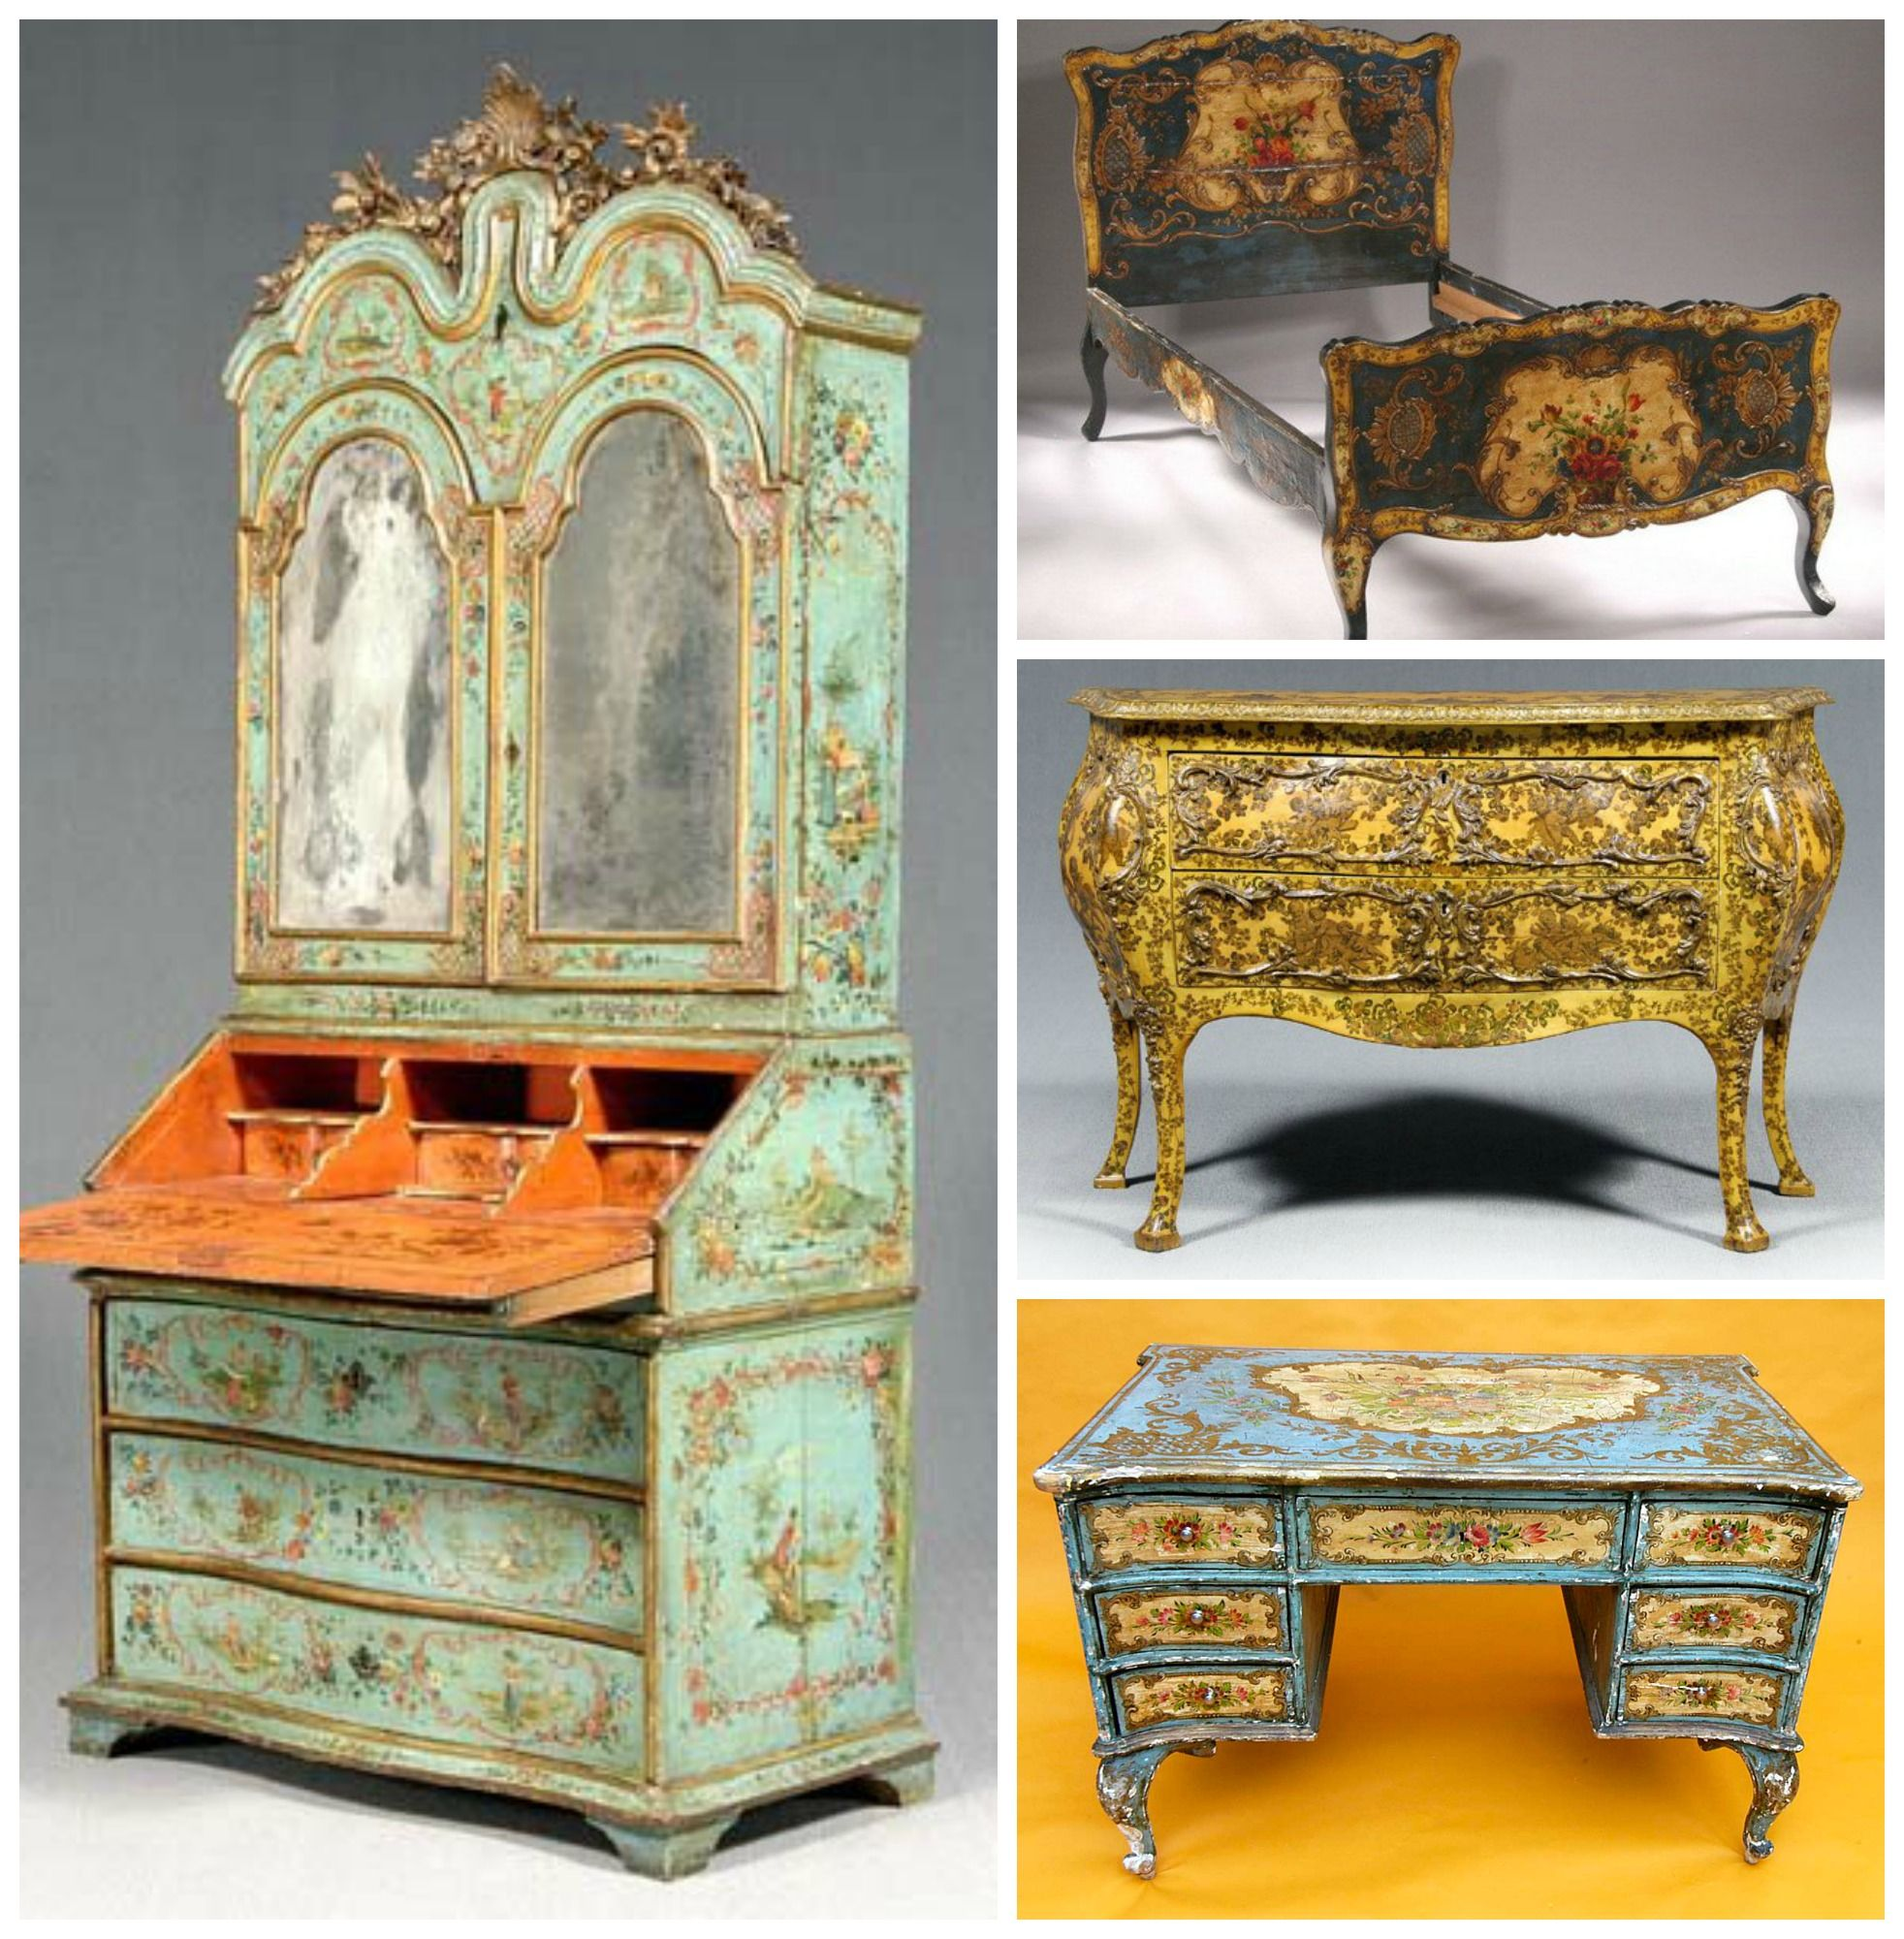 Muebles decorados con laca povera venecia siglo xviii - Muebles decorados a mano ...